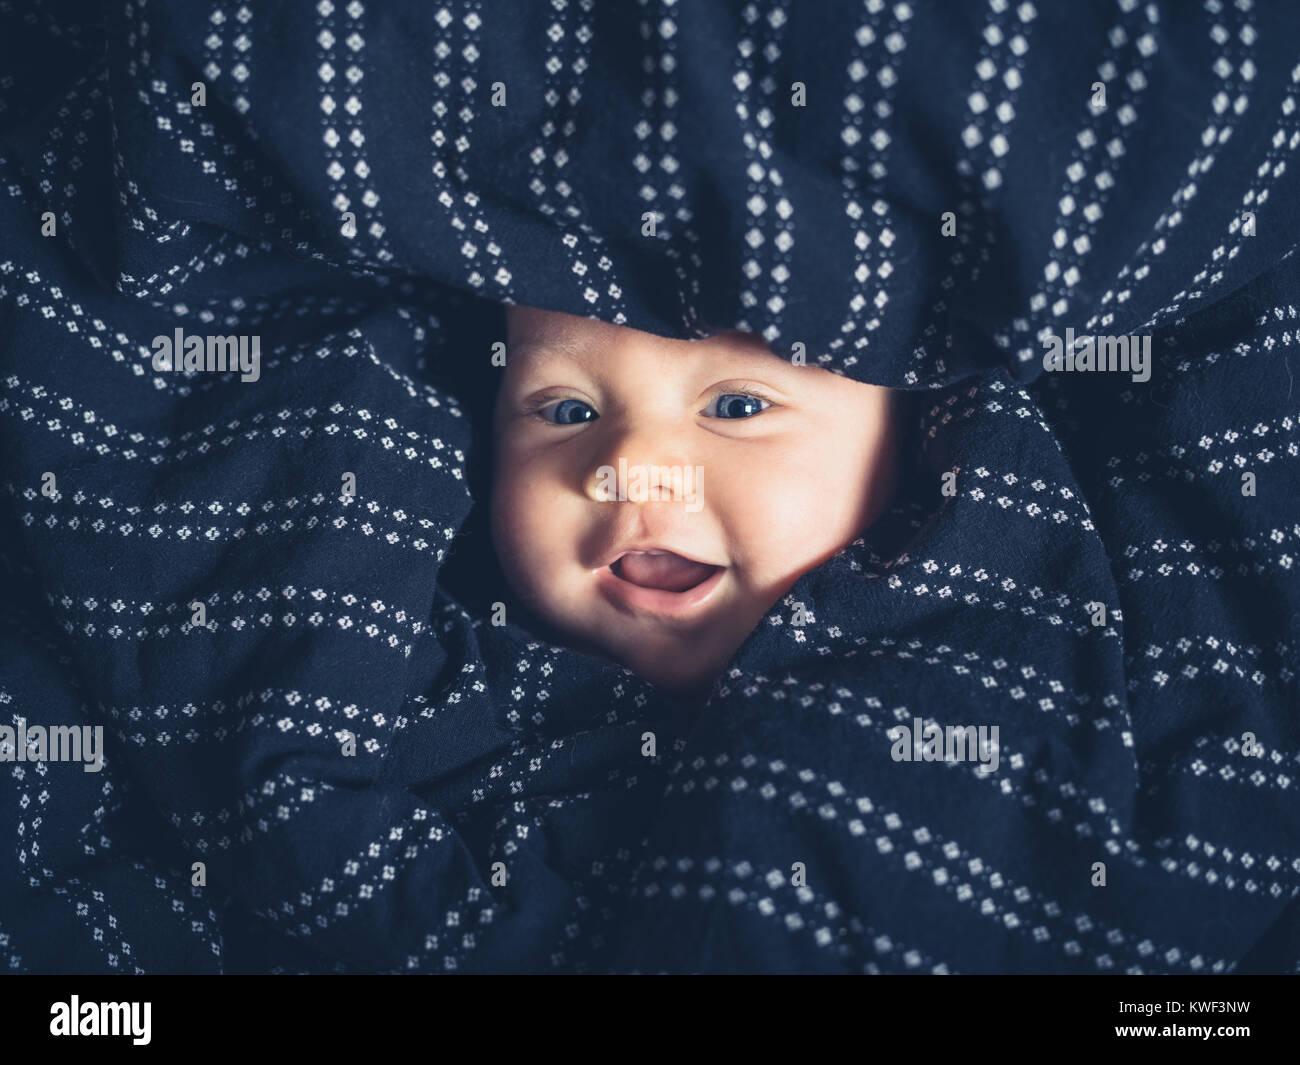 Eine Glücklich lächelnde Baby wird durch Bettzeug bedeckt und nur sein Gesicht sichtbar ist. Stockbild